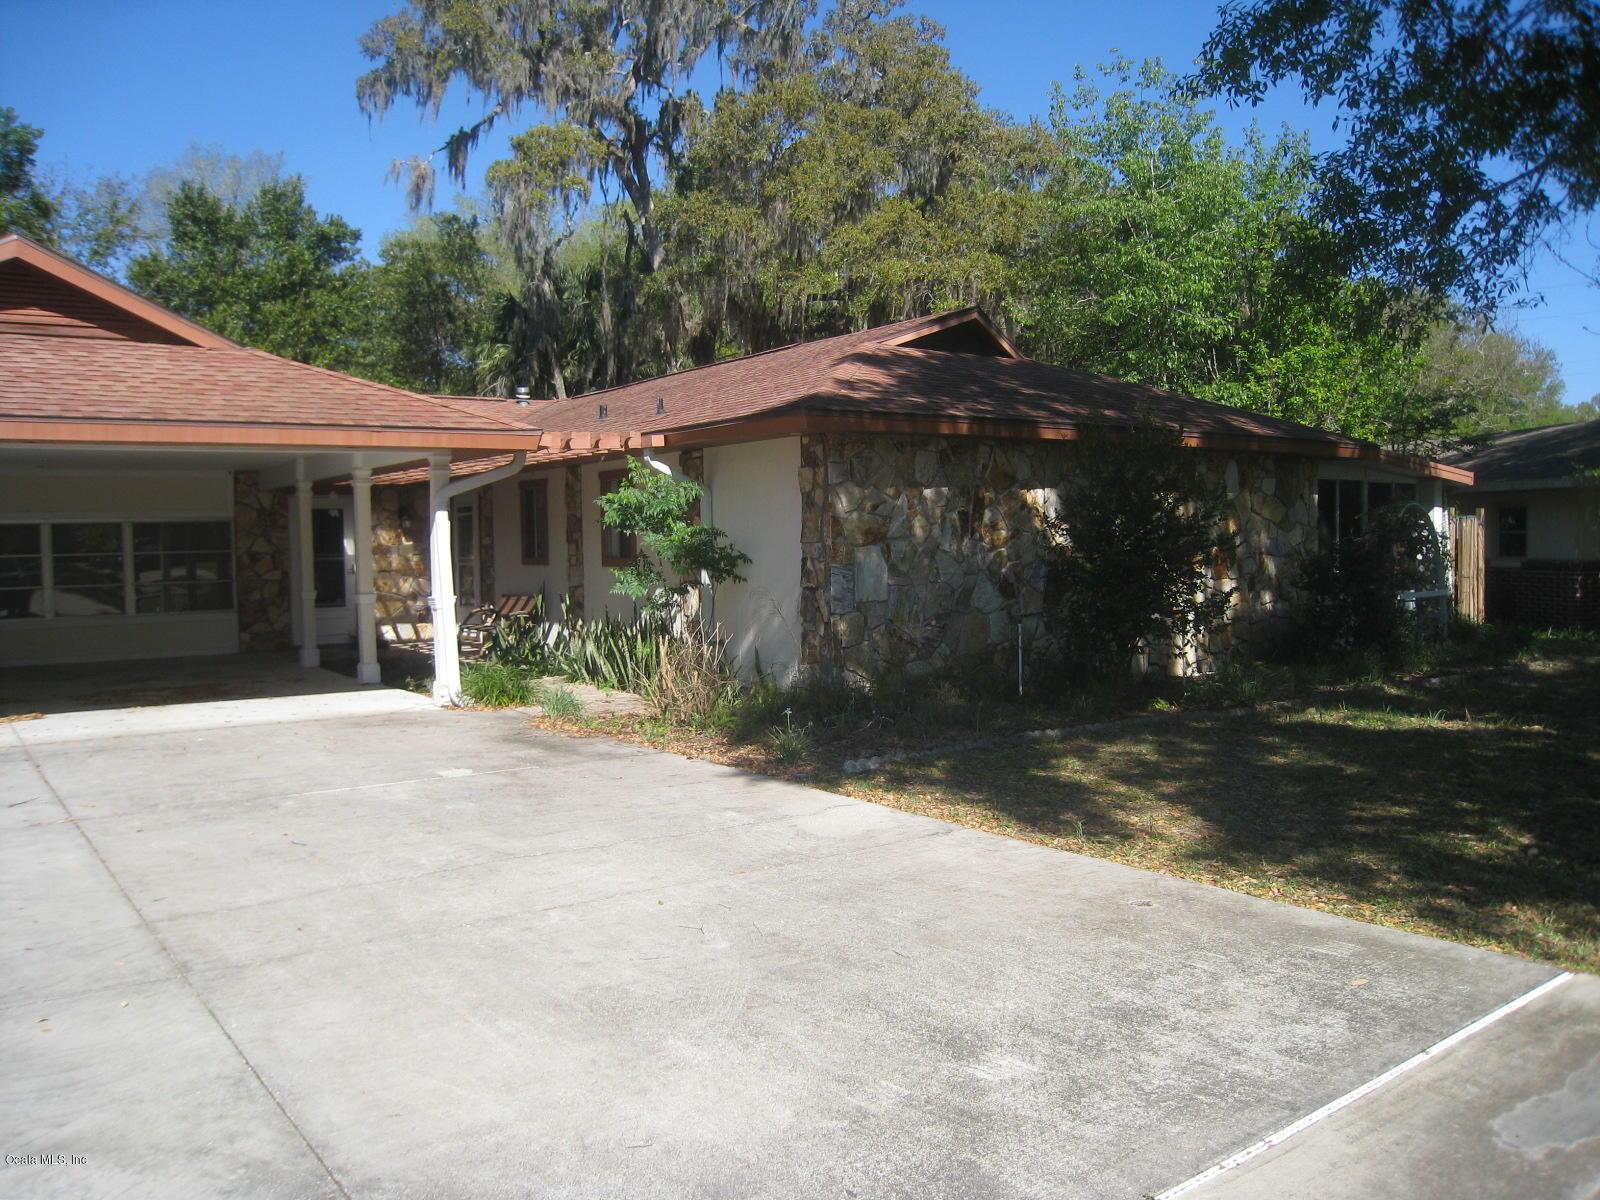 12 SPRING LAKE WAY, OCALA, FL 34472